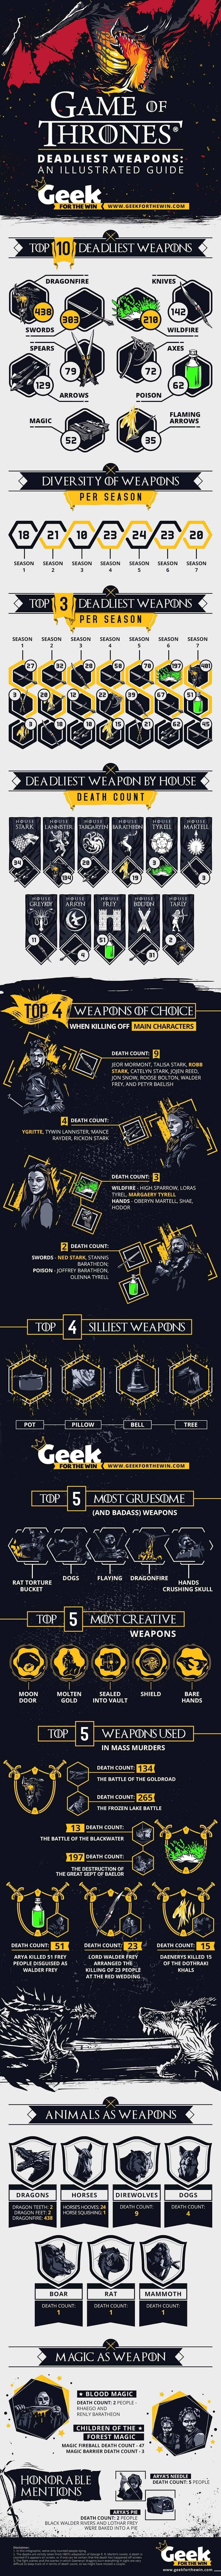 Game of Thrones Deadliest Weapons